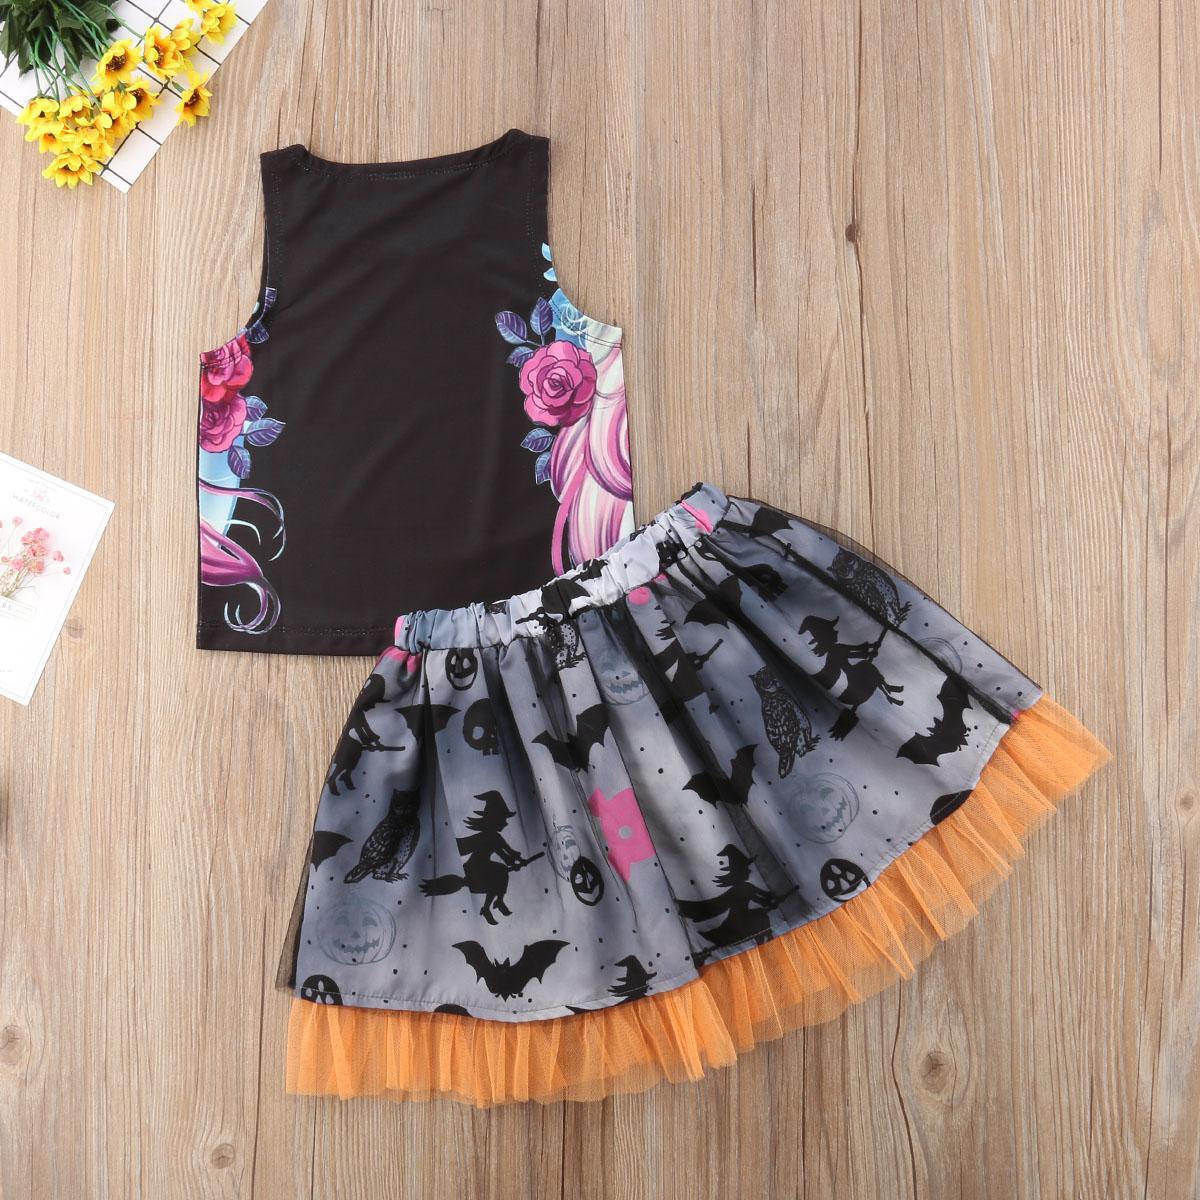 2019 Marca de Moda de Nova miúdo recém-nascido Bebés Meninas Halloween Verão Define Graffiti Vest Tops Tulle saia plissada 1-6T Outfits